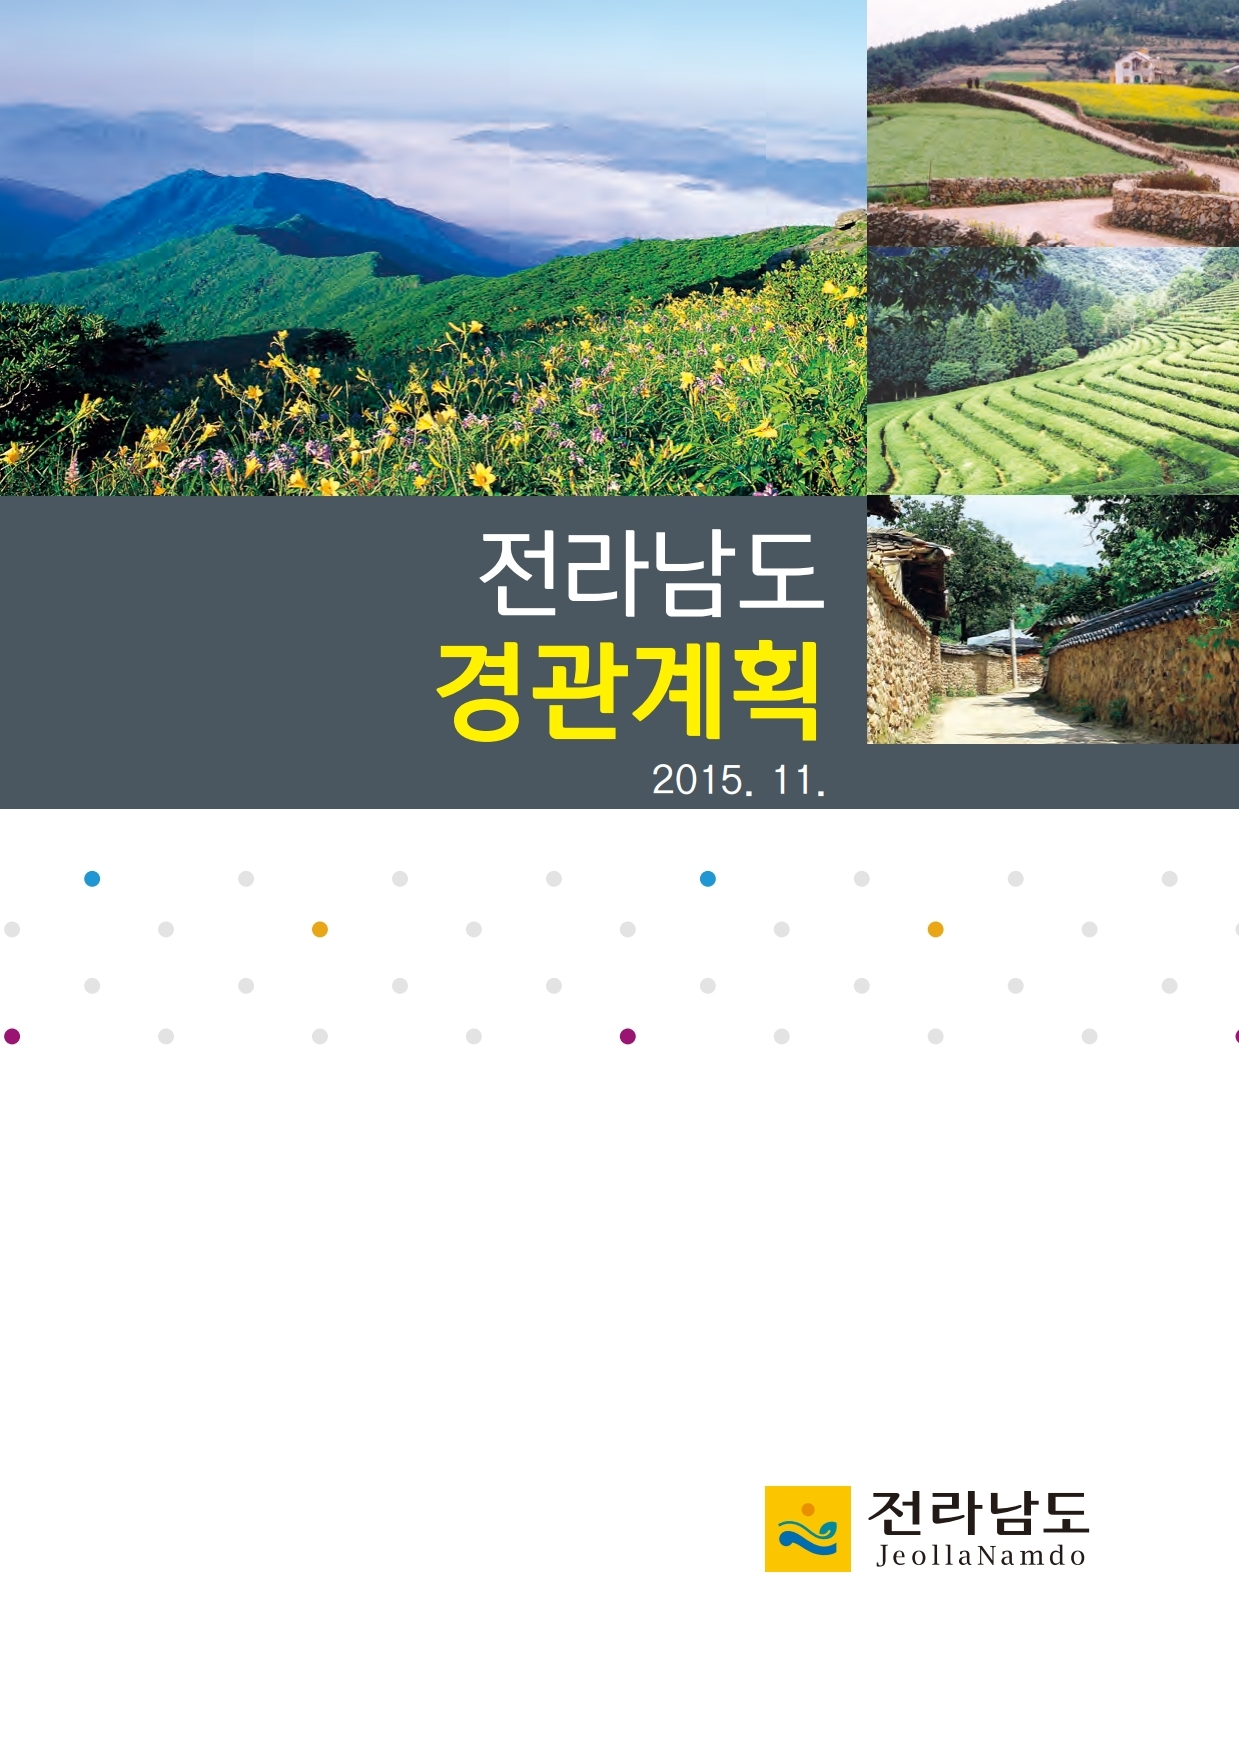 2016_전라남도 경관계획